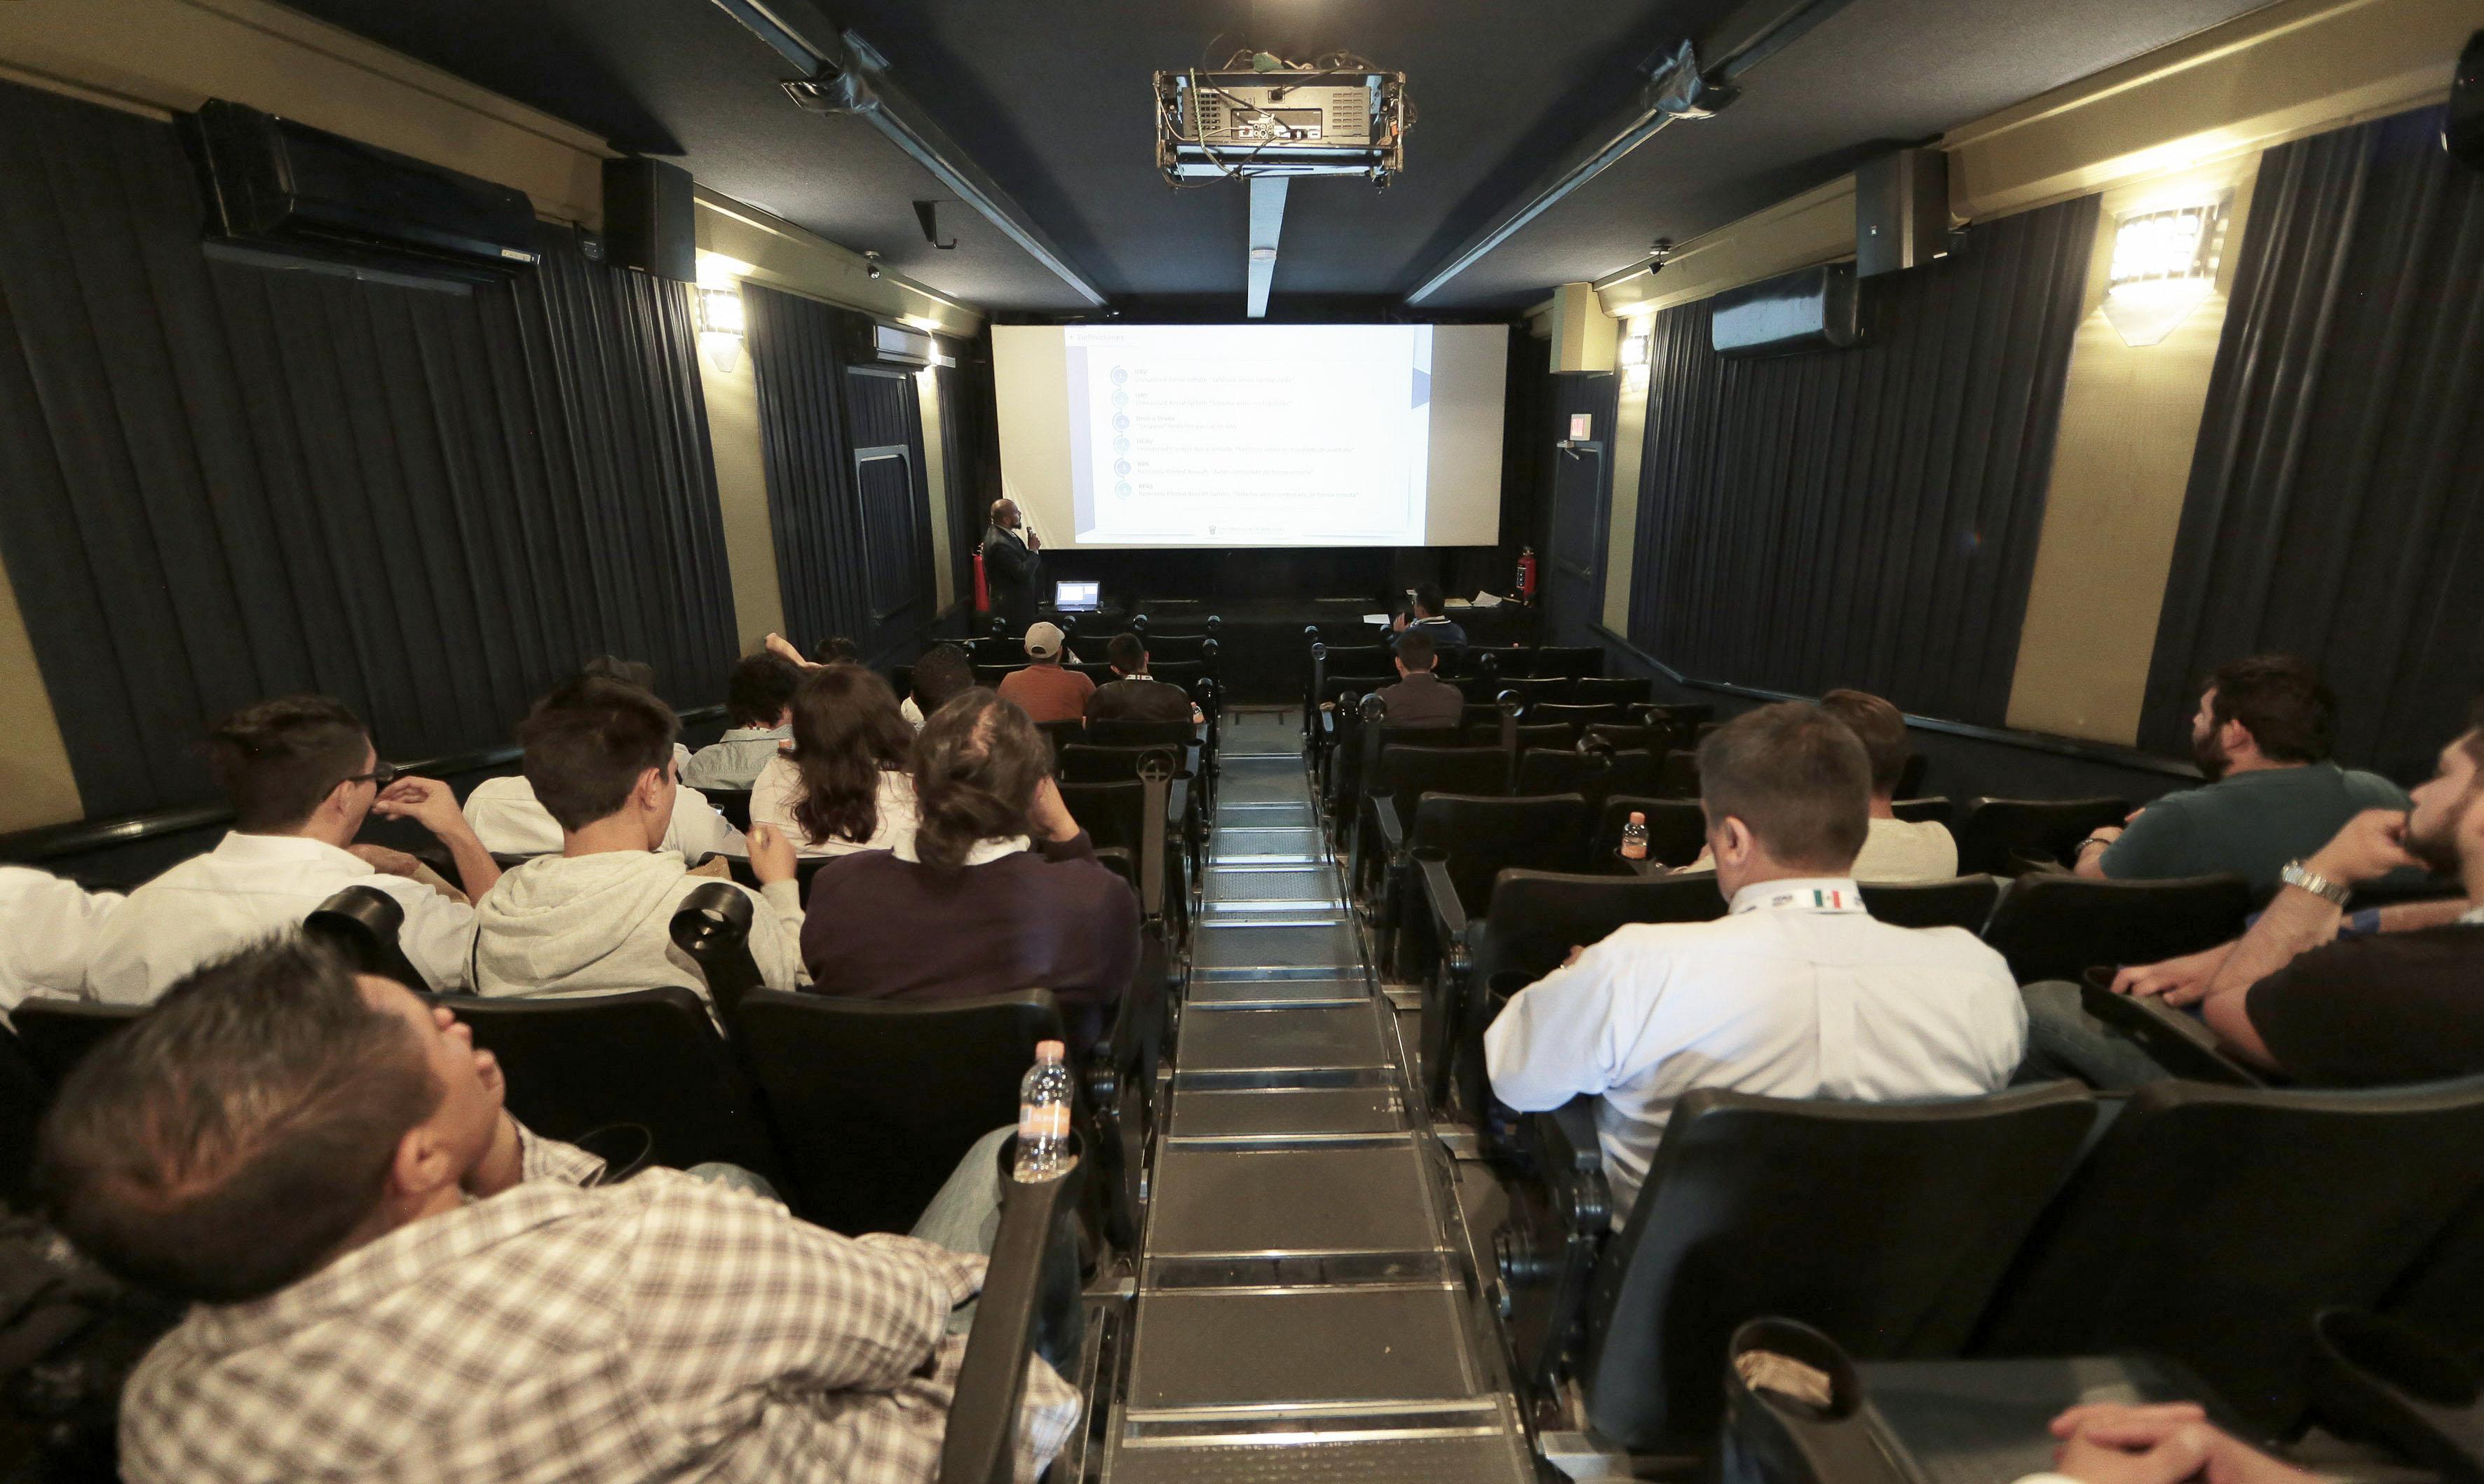 """Mtro. en Ciencias por la Universidad de Guadalajara, Roberto Carlos Barragán Campos, durante su conferencia """"Uso y aprovechamiento de las aeronaves controladas de forma remota: la realidad en México"""